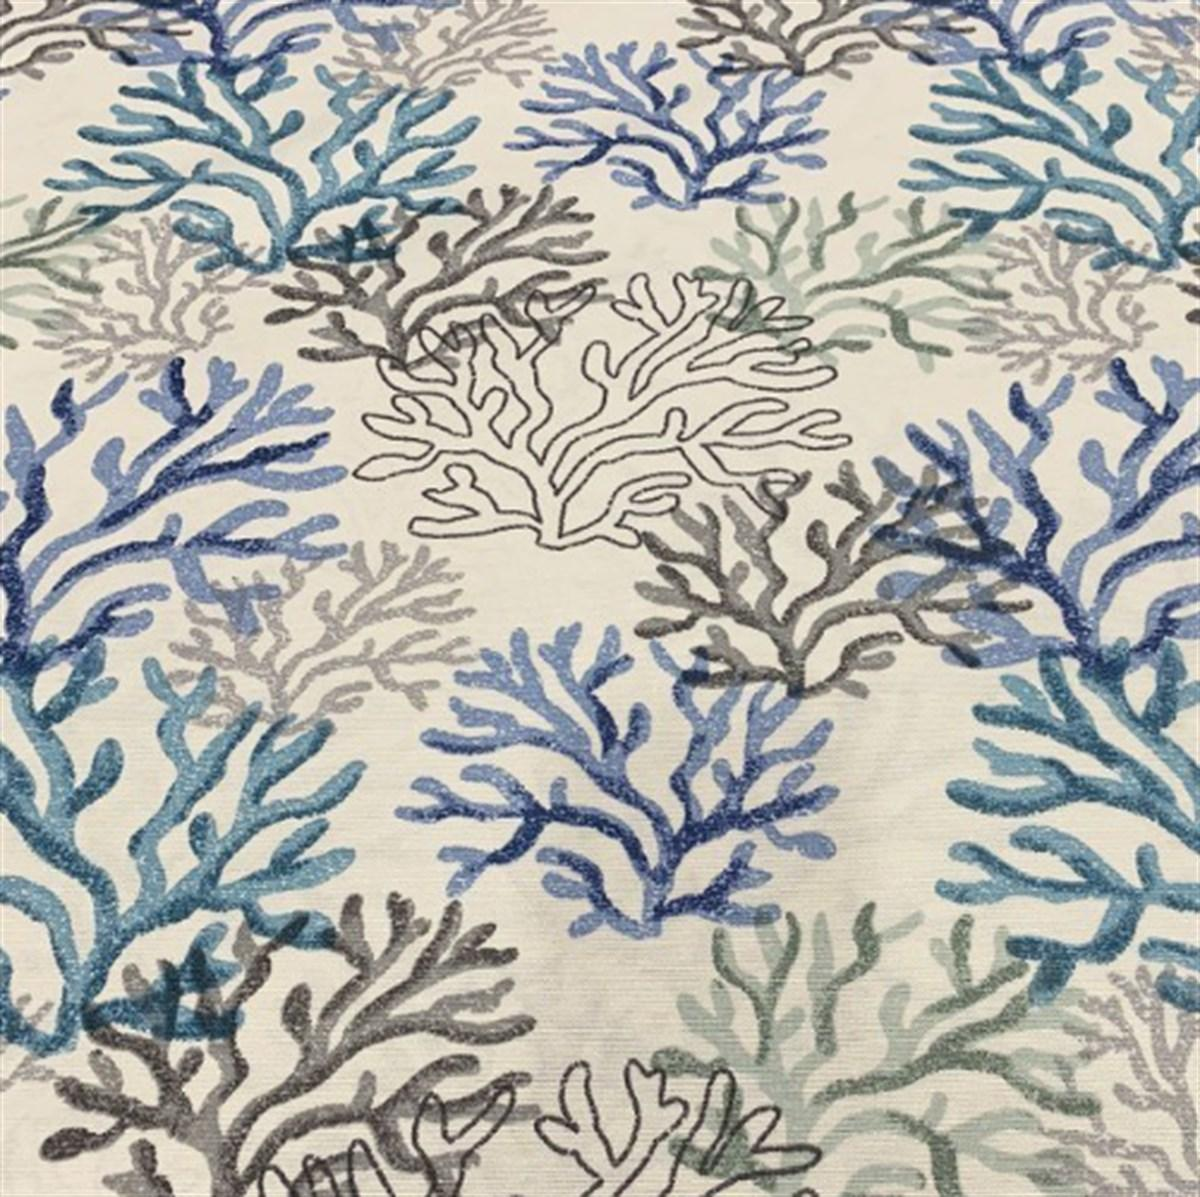 Декоративная ткань с пропиткой от загрязнений с рисунком в морской тематике